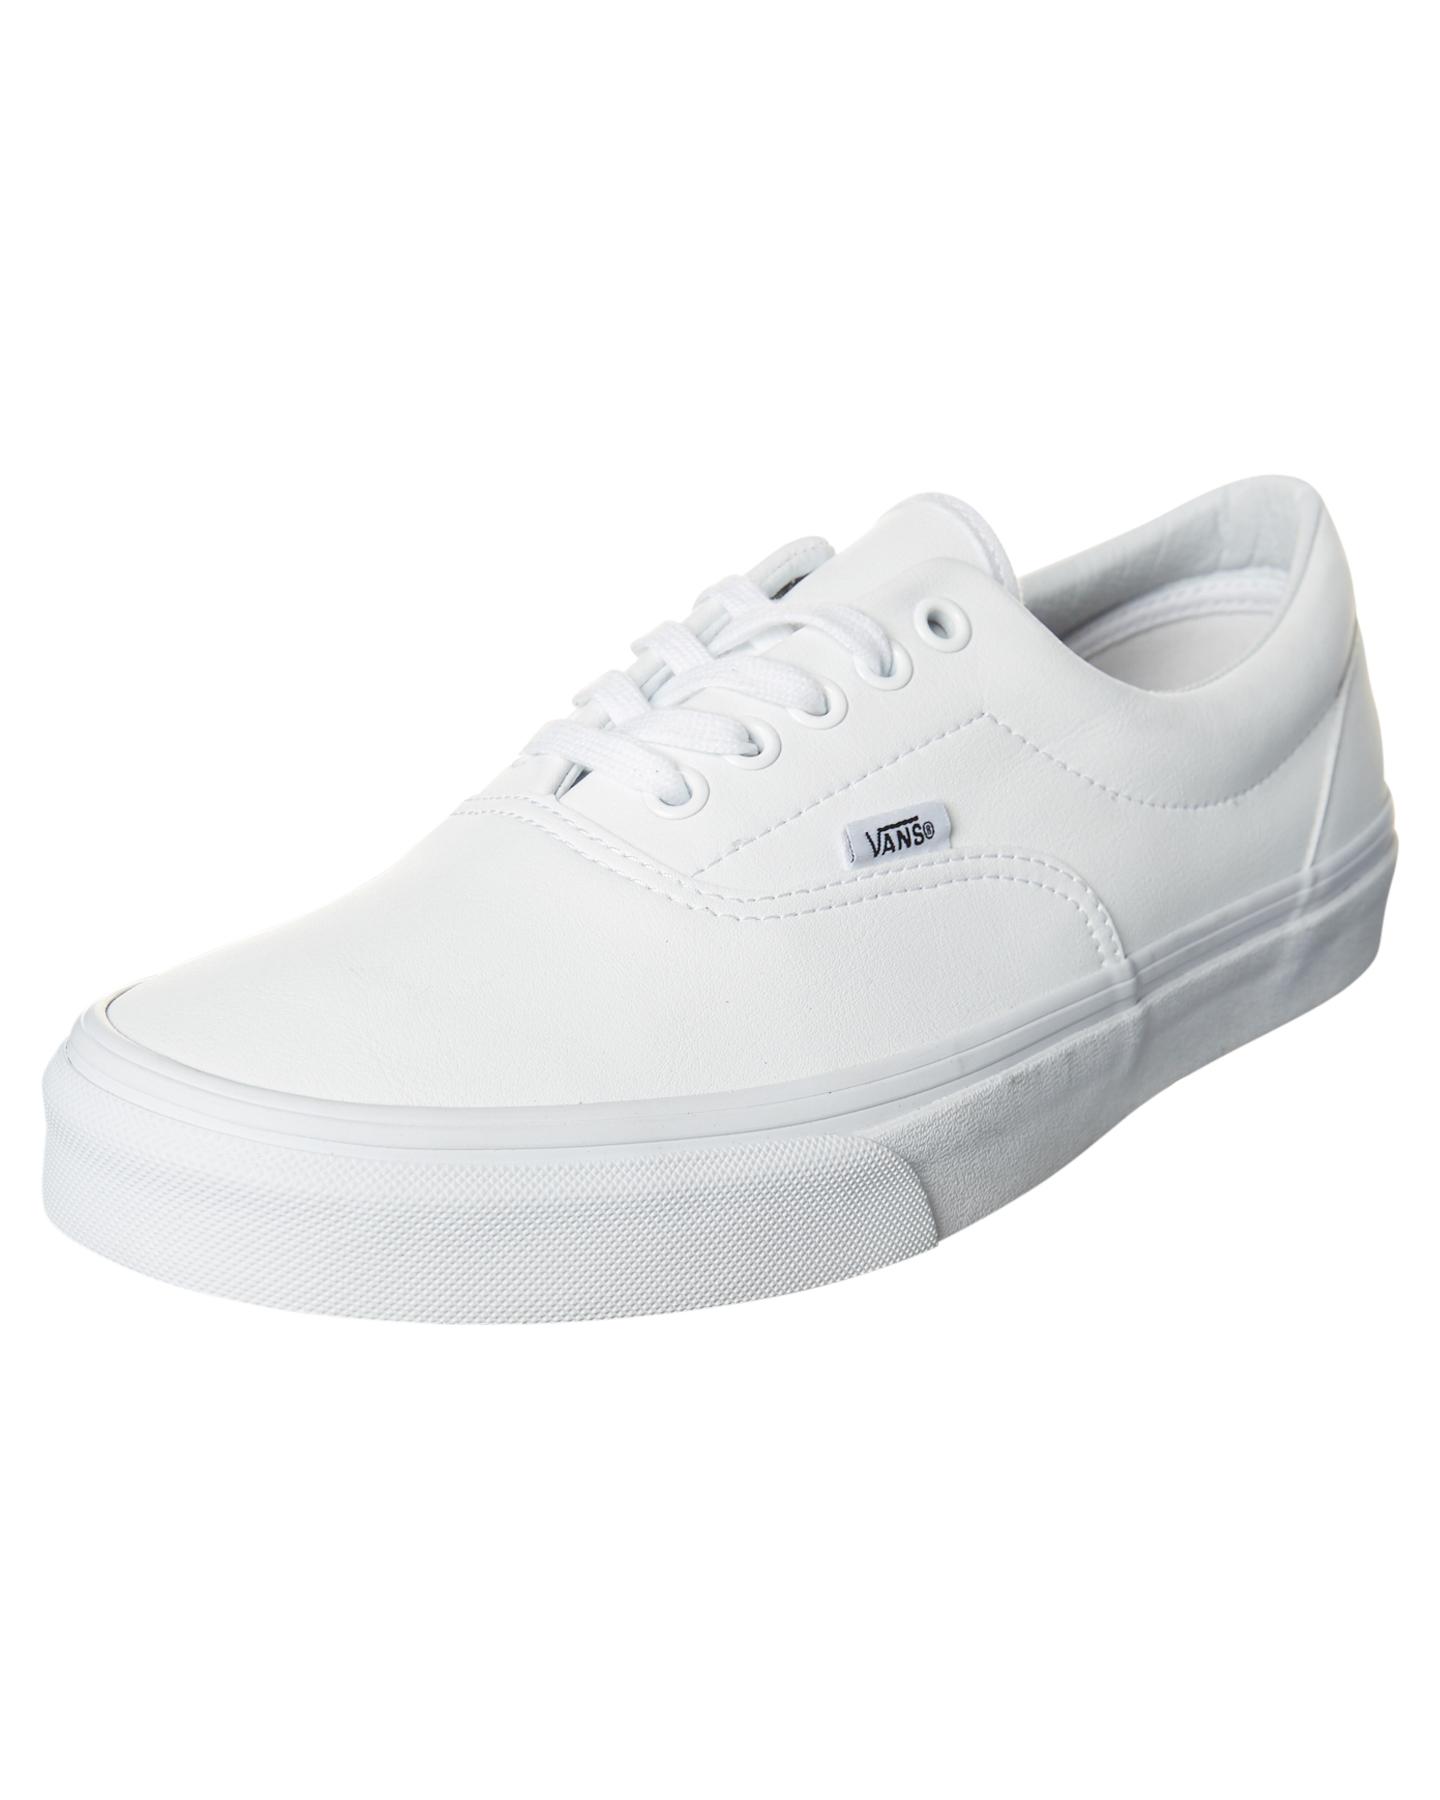 ... WHITE MENS FOOTWEAR VANS SNEAKERS - VN-A38FRODJWHT ... 5eaab7ff67